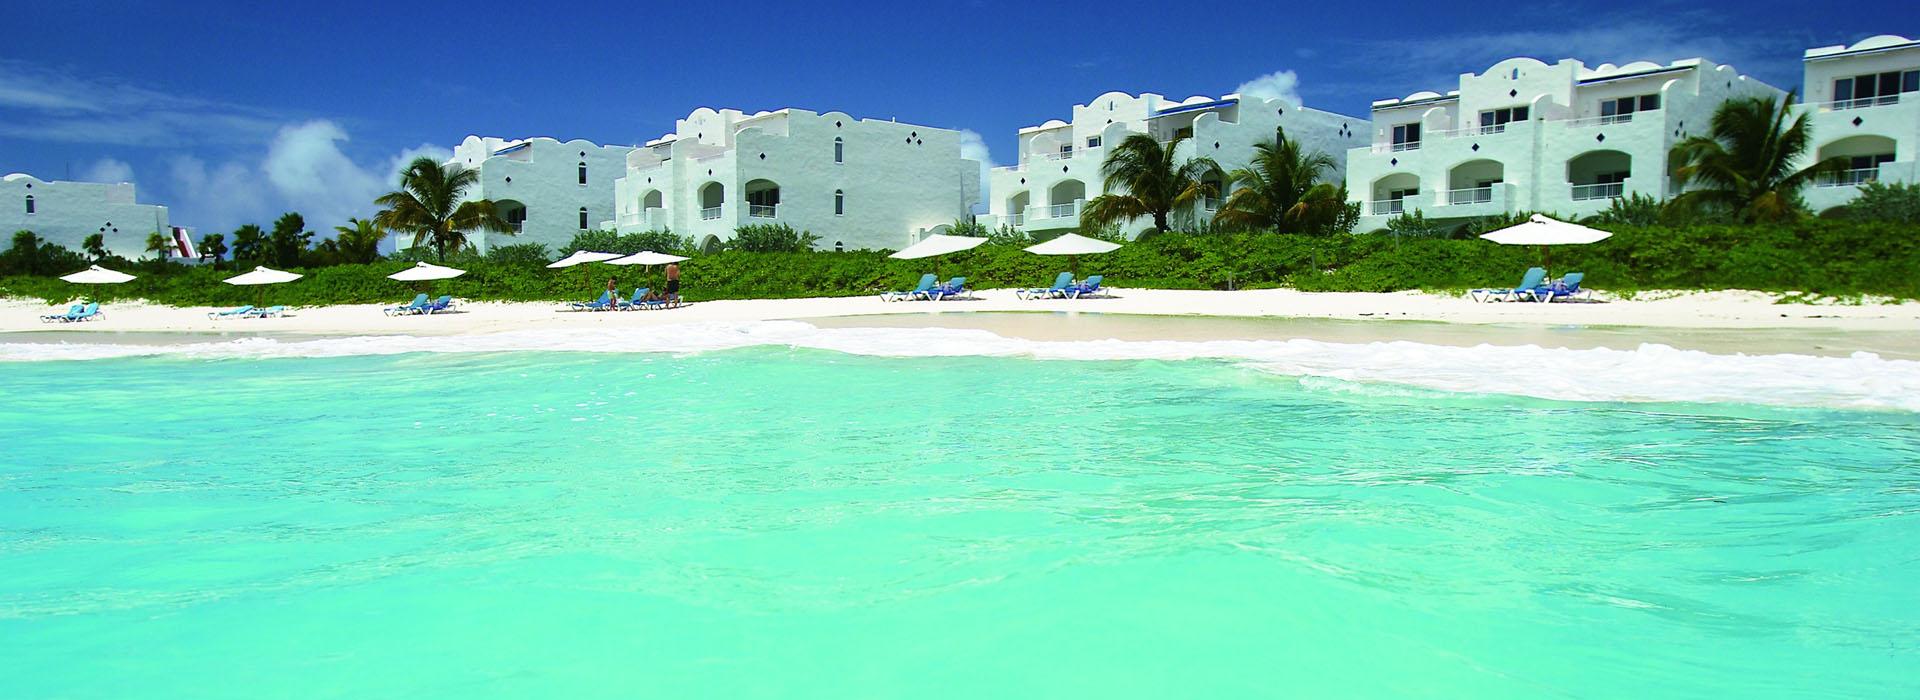 CuisinArt Golf Resort and Spa Villas